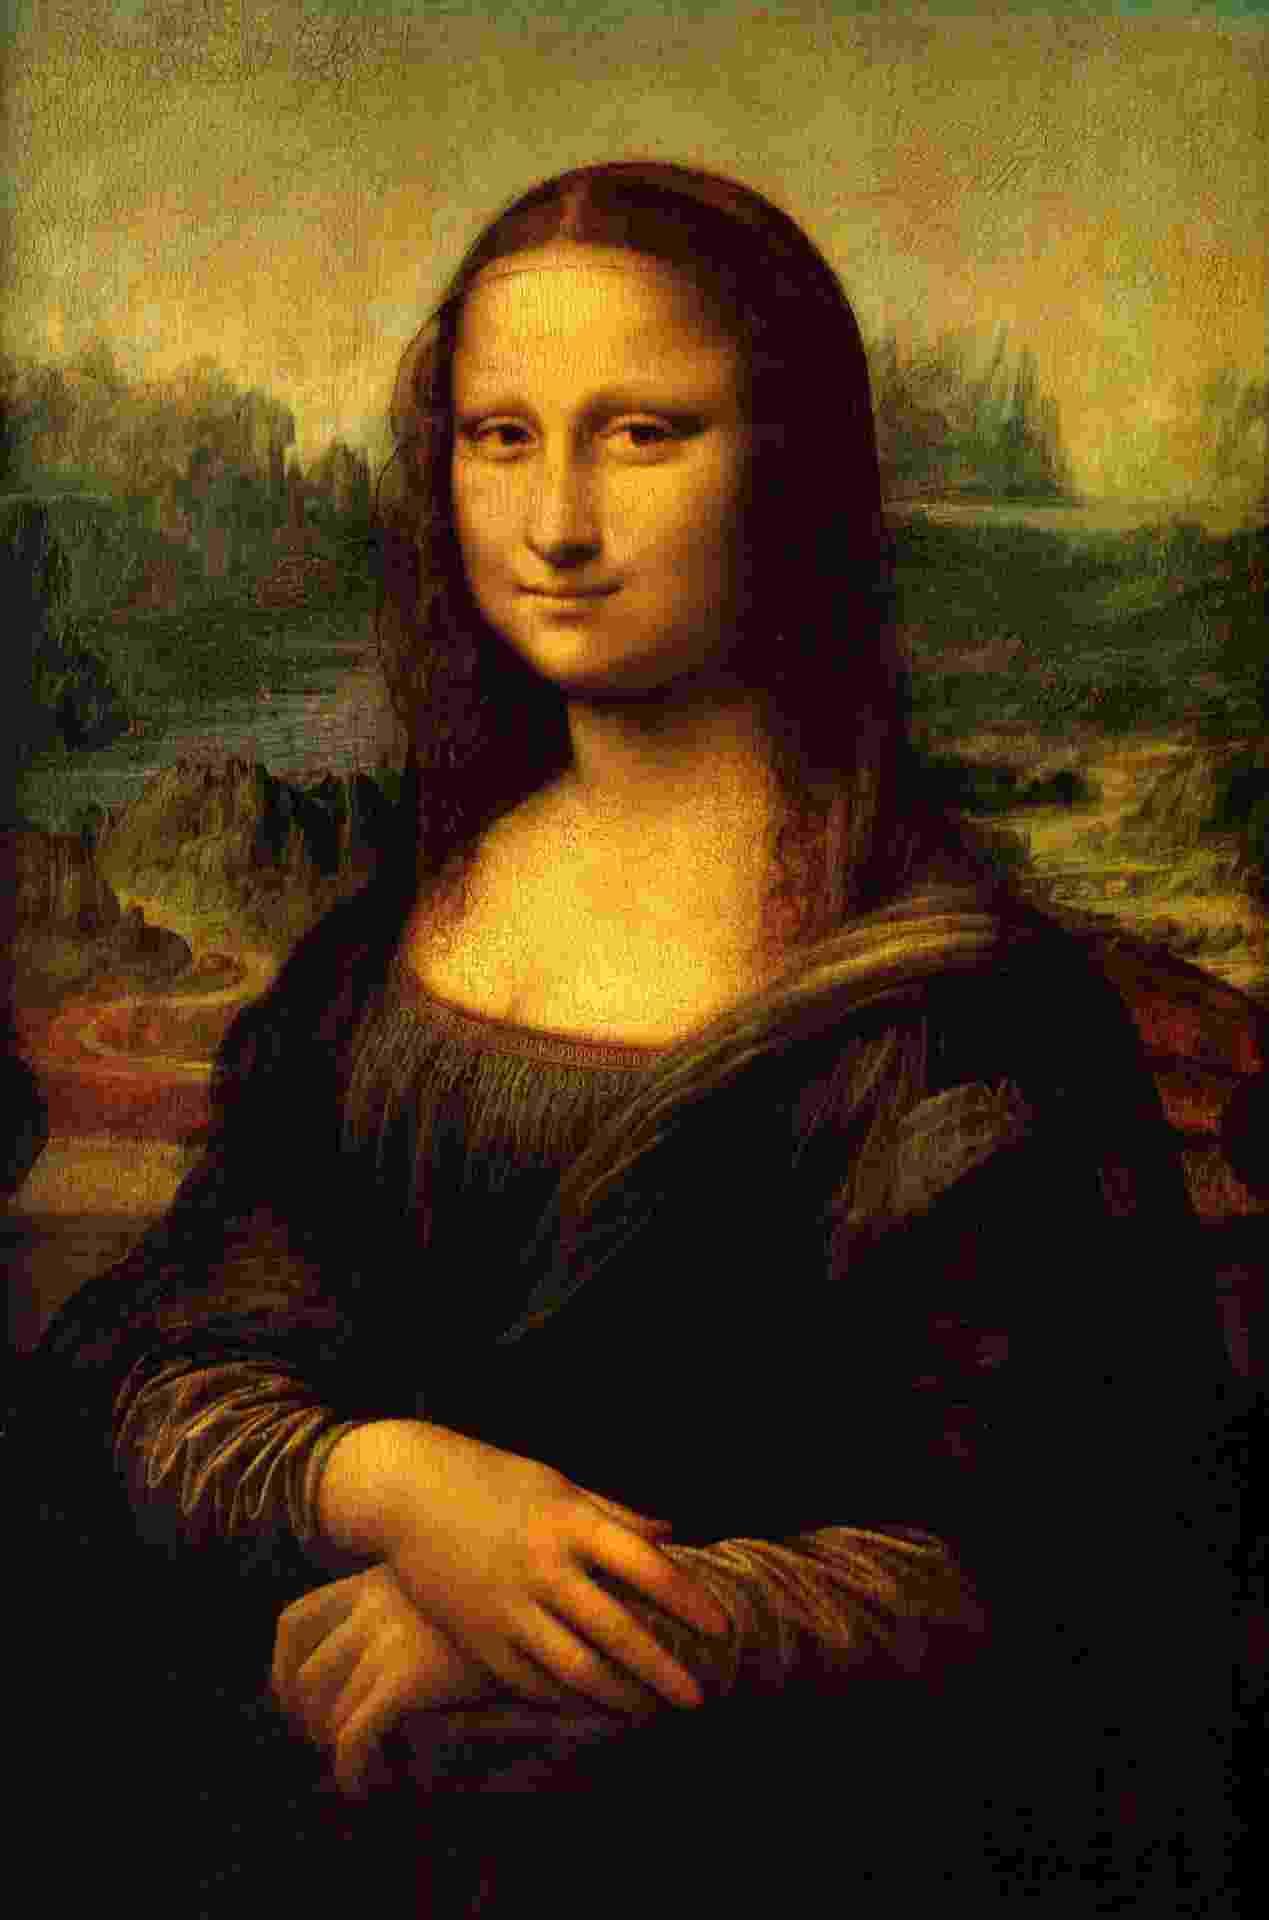 """""""Mona Lisa"""", tela do renascentista Leonardo da Vinci. A obra também é conhecida como """"La Joconde"""" ou """"Mona Lisa del Giocondo"""" - Reprodução"""